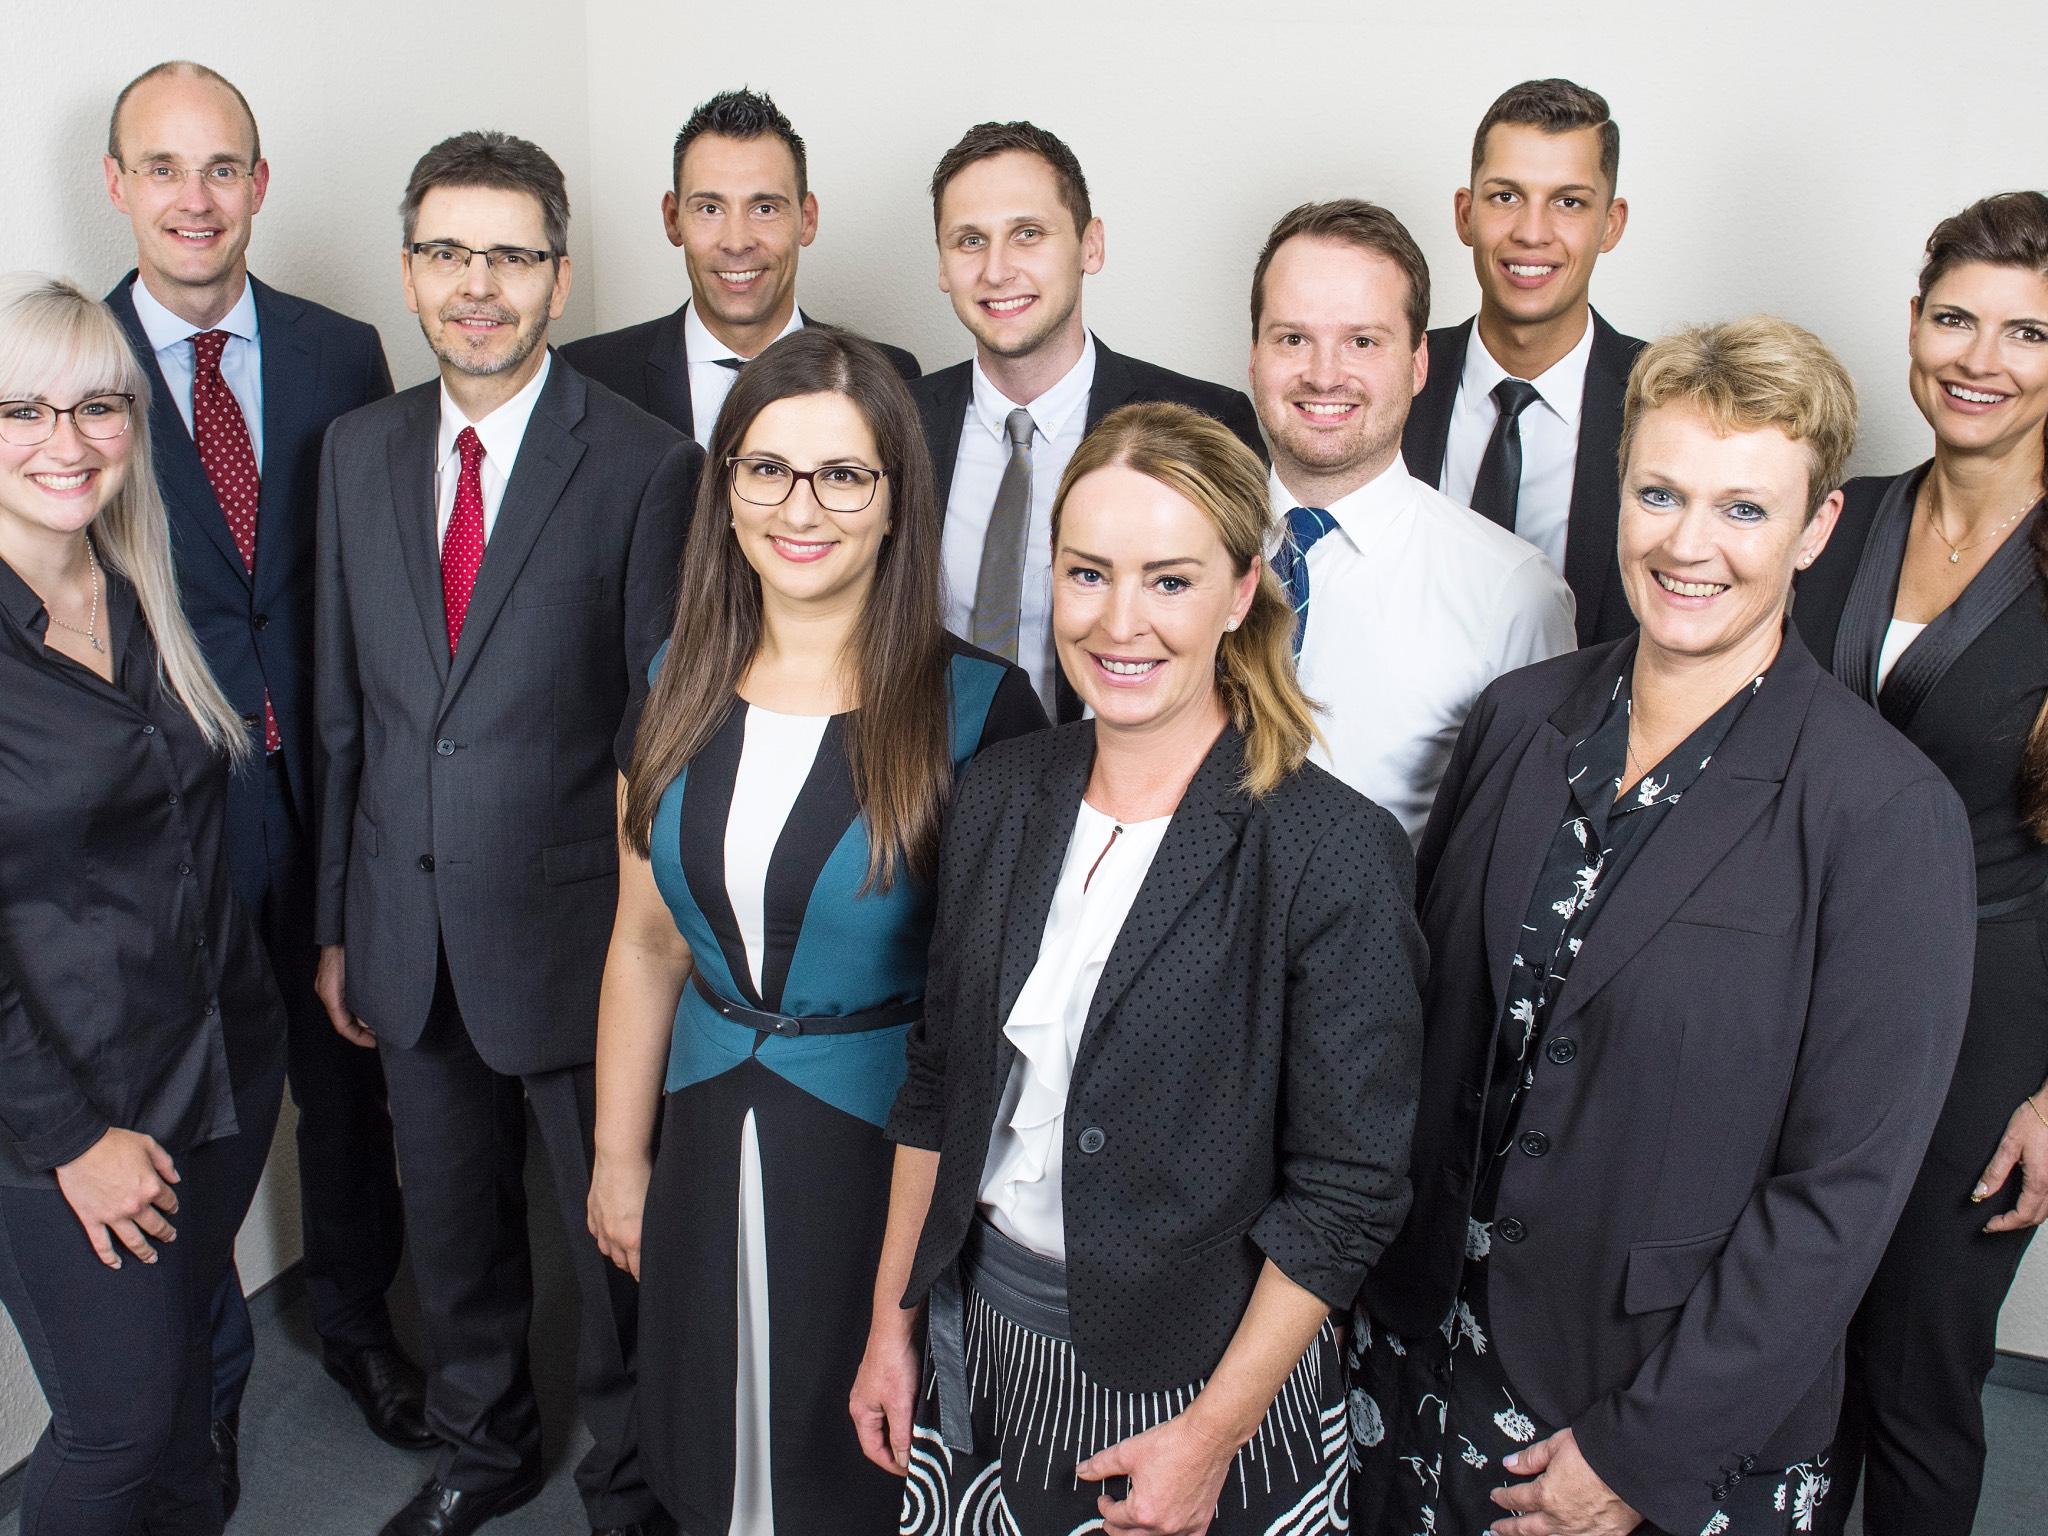 Allianz BAUER - Der Ansprechpartner für Fragen rund um Versicherungen in Würzburg. Foto: Allianz BAUER